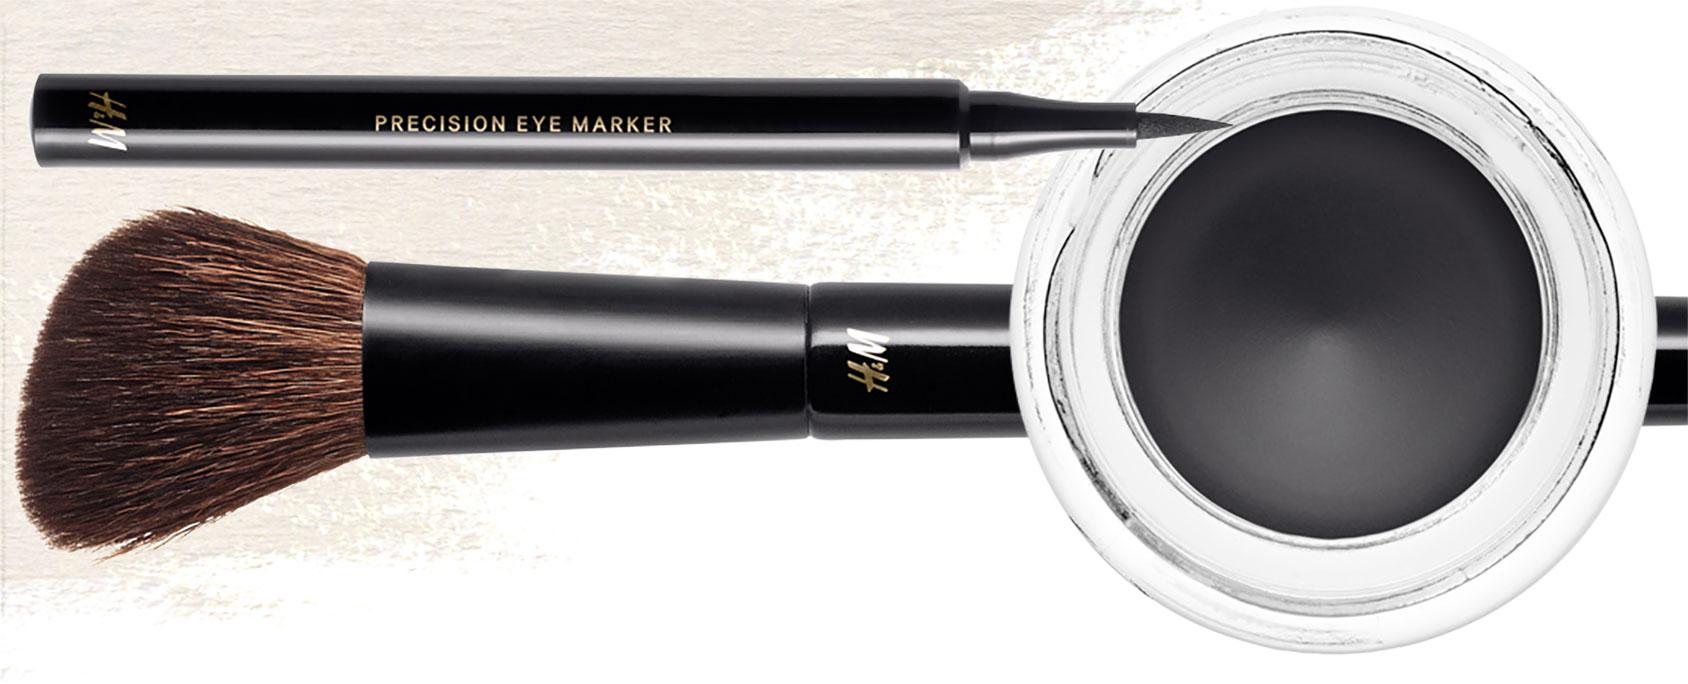 Makeup hm.com